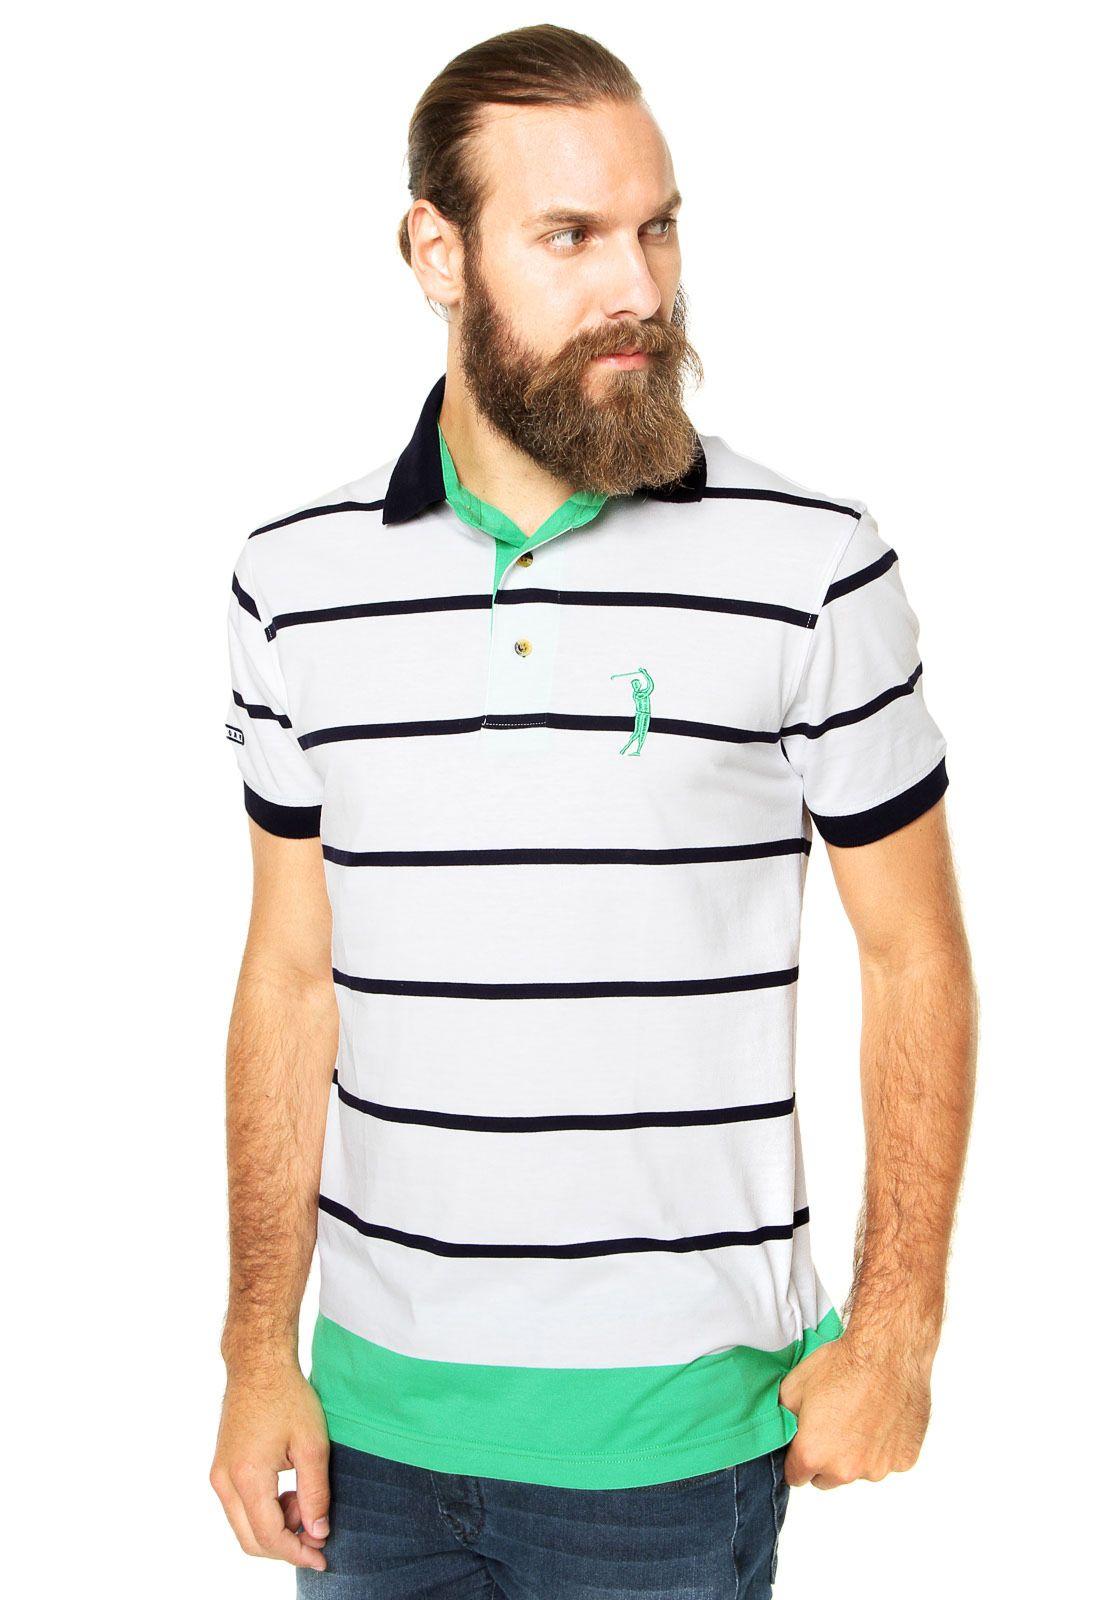 Camisa Polo Aleatory Listras Multicolorida - Marca Aleatory 0272b5f4c82e9